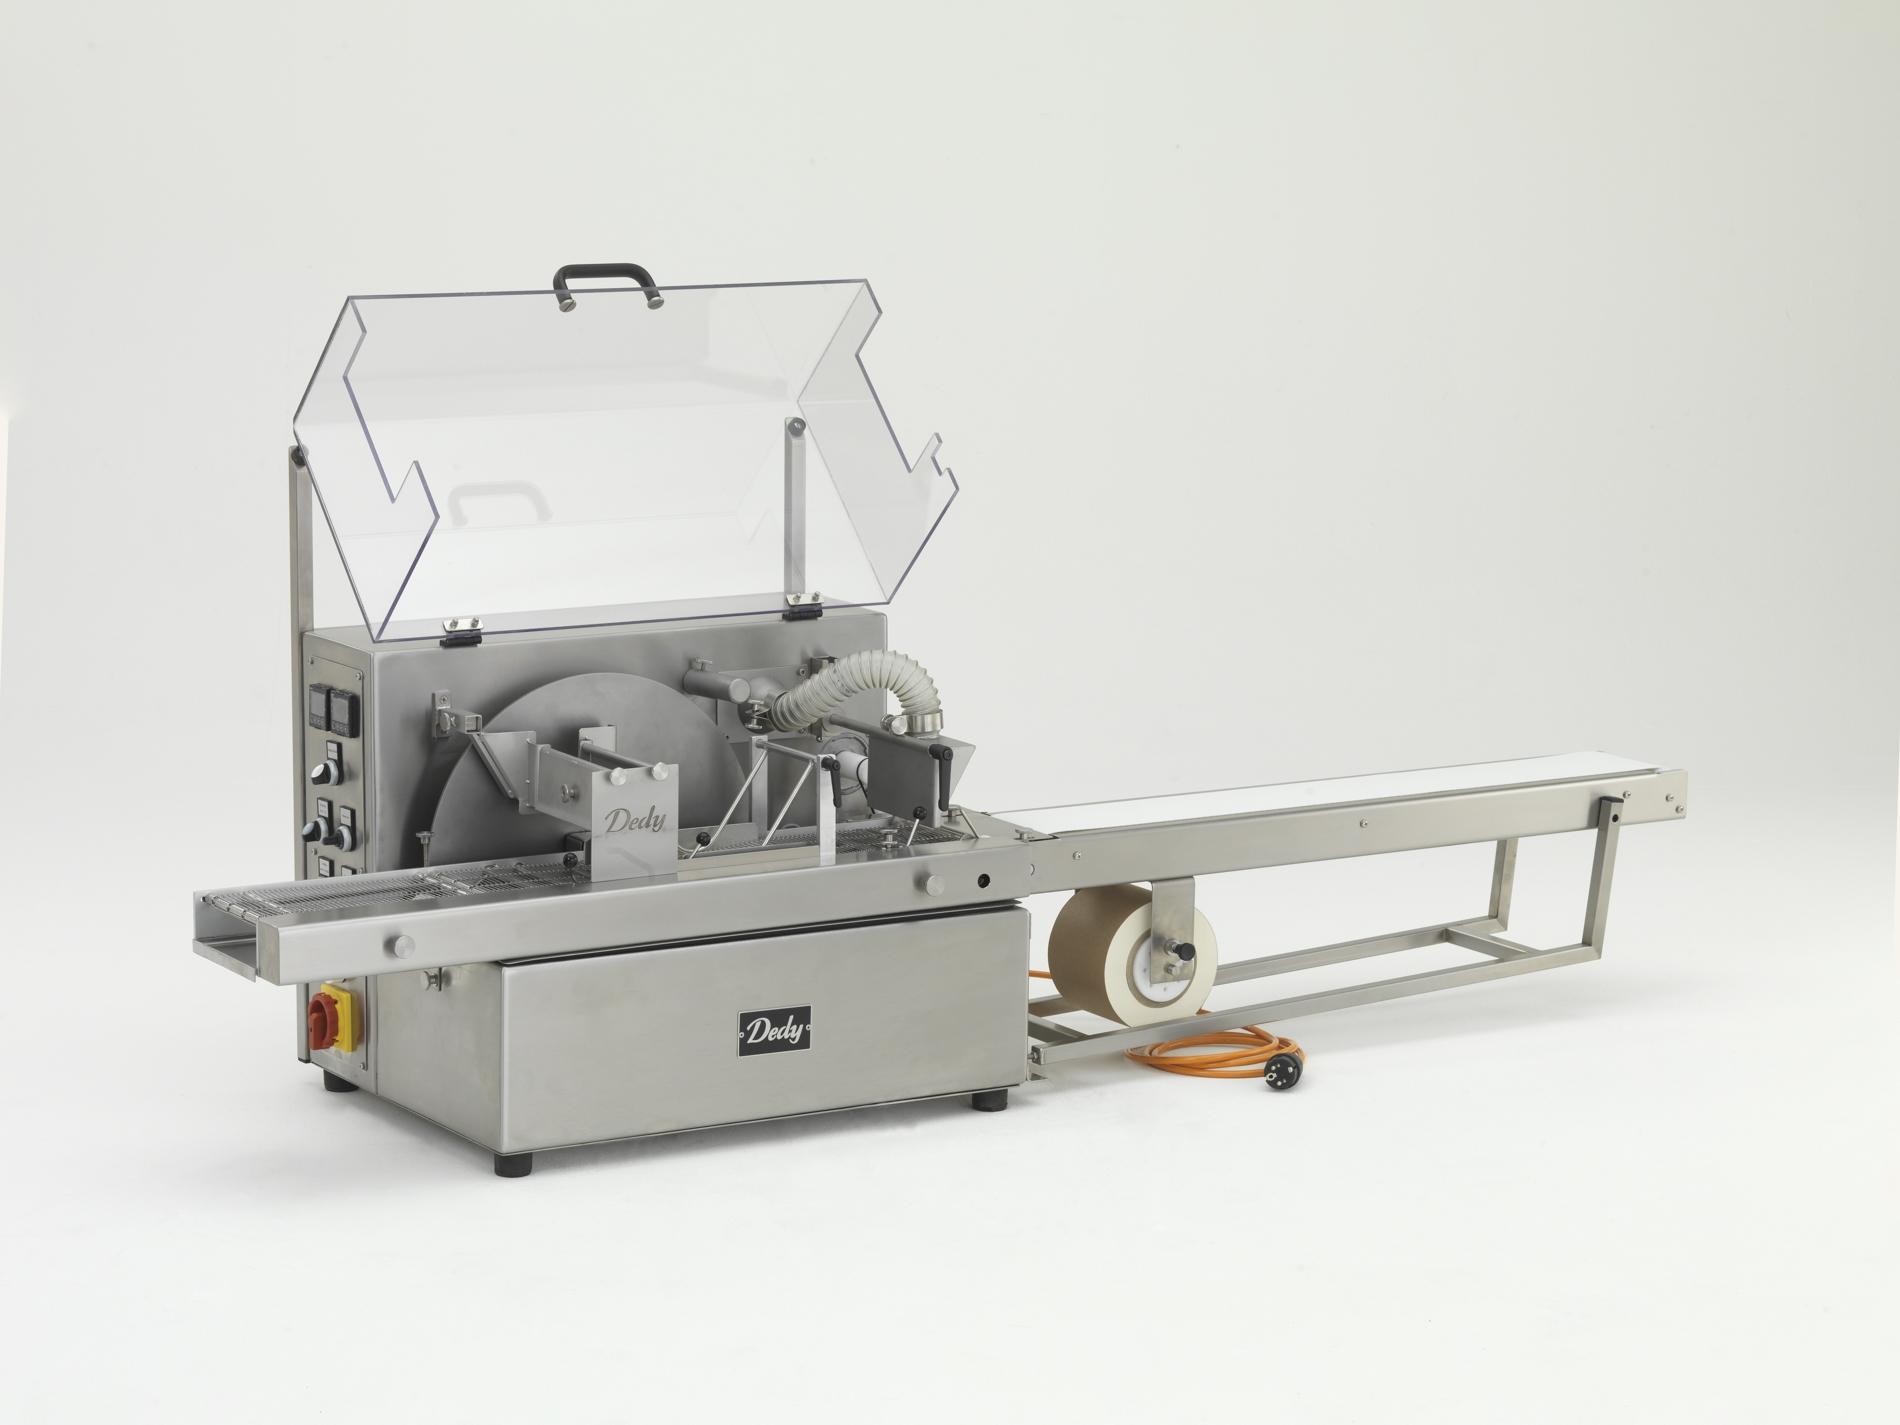 Dedy 120 Mini Enrober Dedy Enrobing Tcf Sales